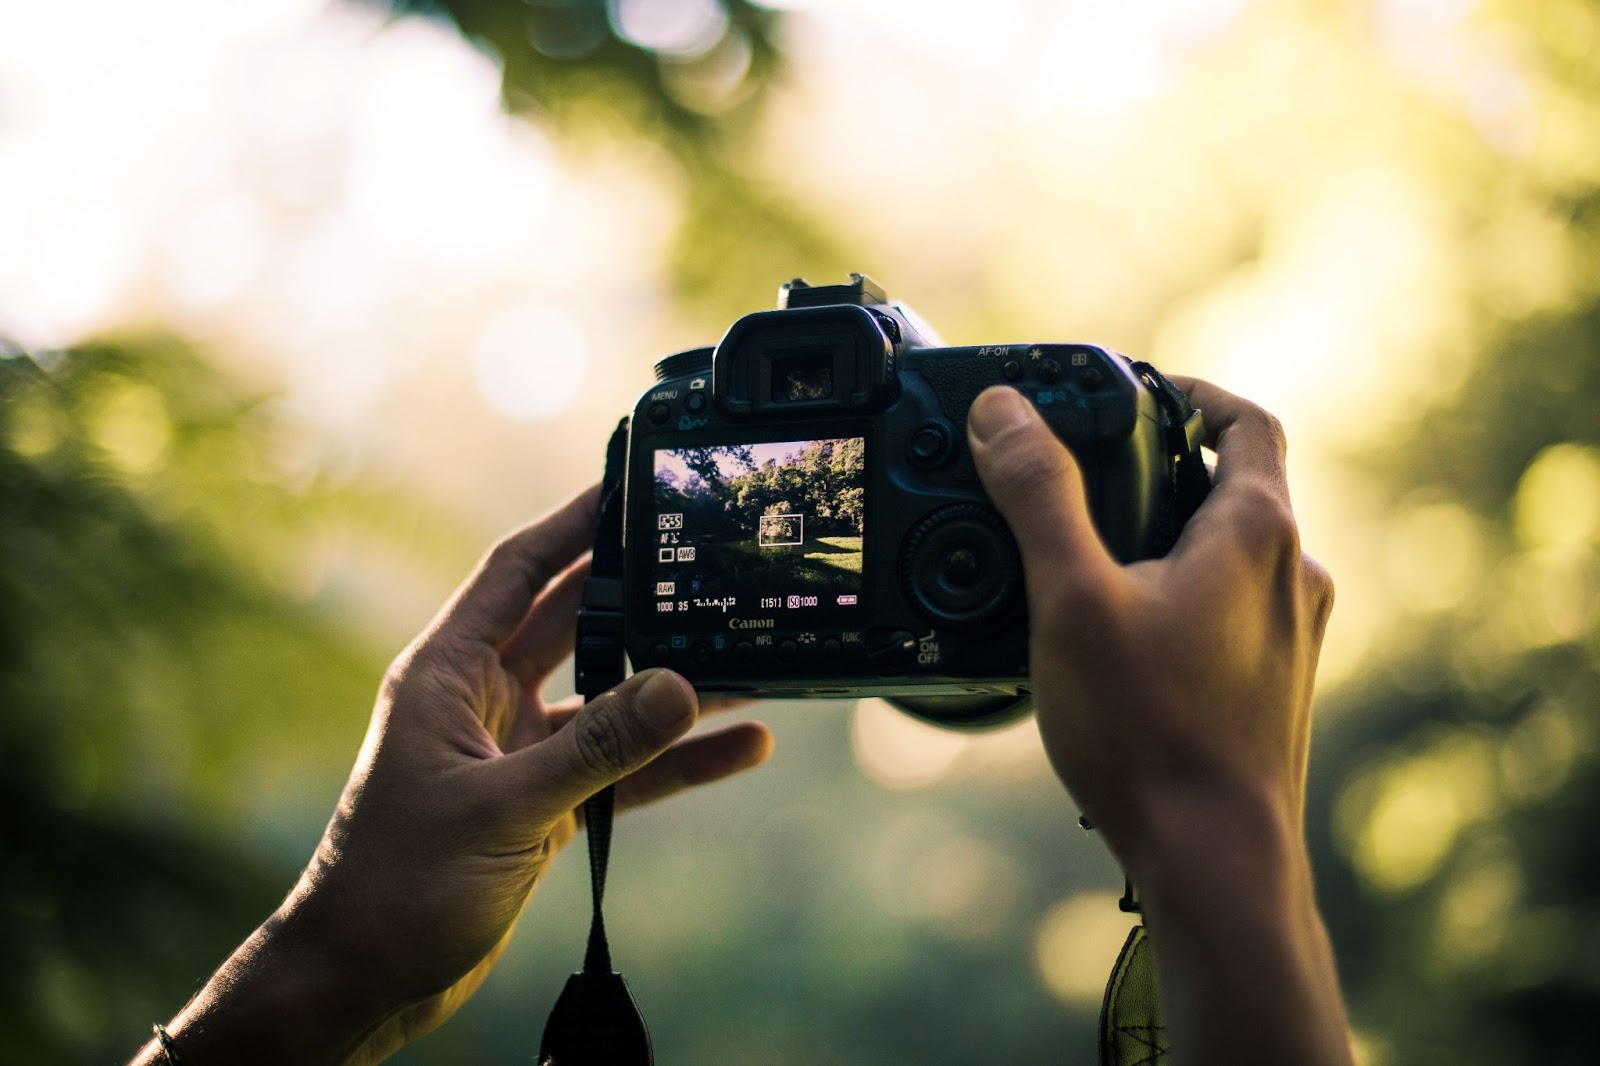 Has un curso de iluminación fotográfica si la expresión a través de la iluminación no es tu fuerte